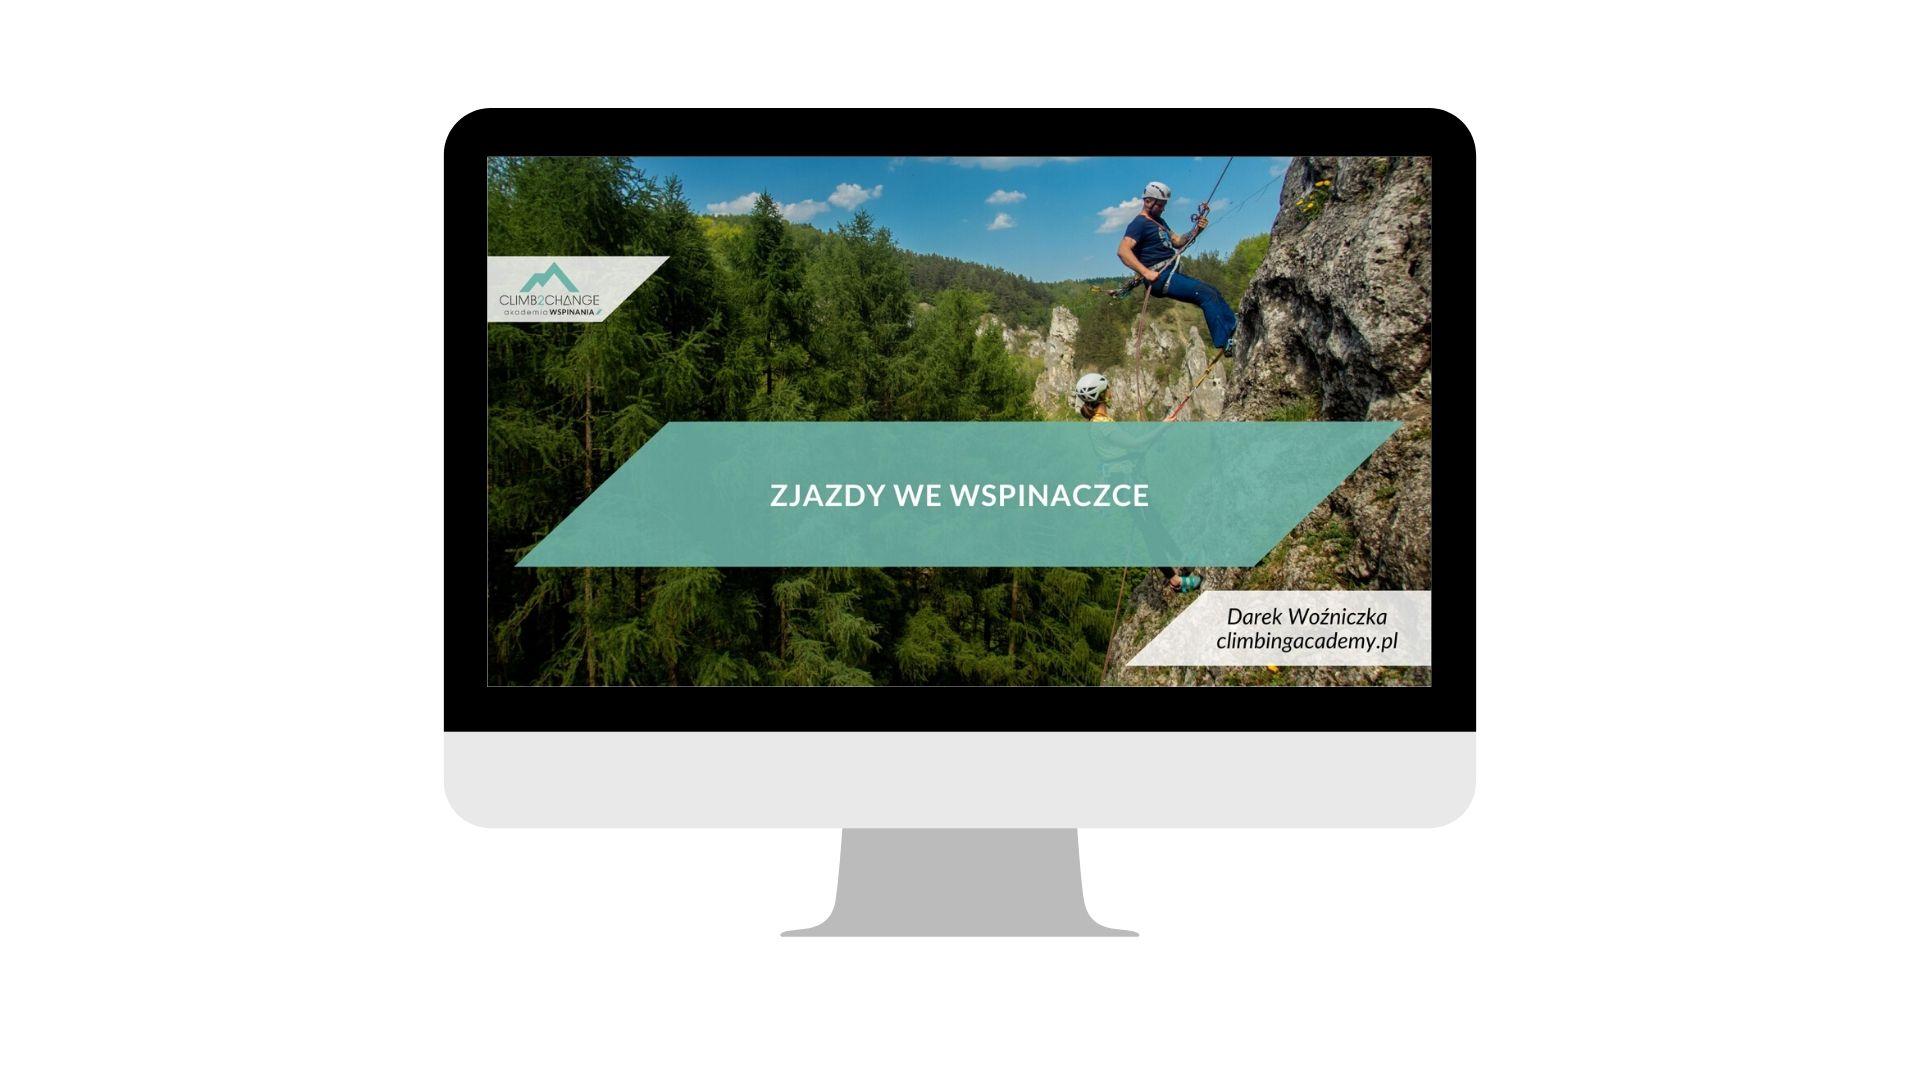 zjazdy-we-wspinaczce-szkolenie-online-cover-climb2change